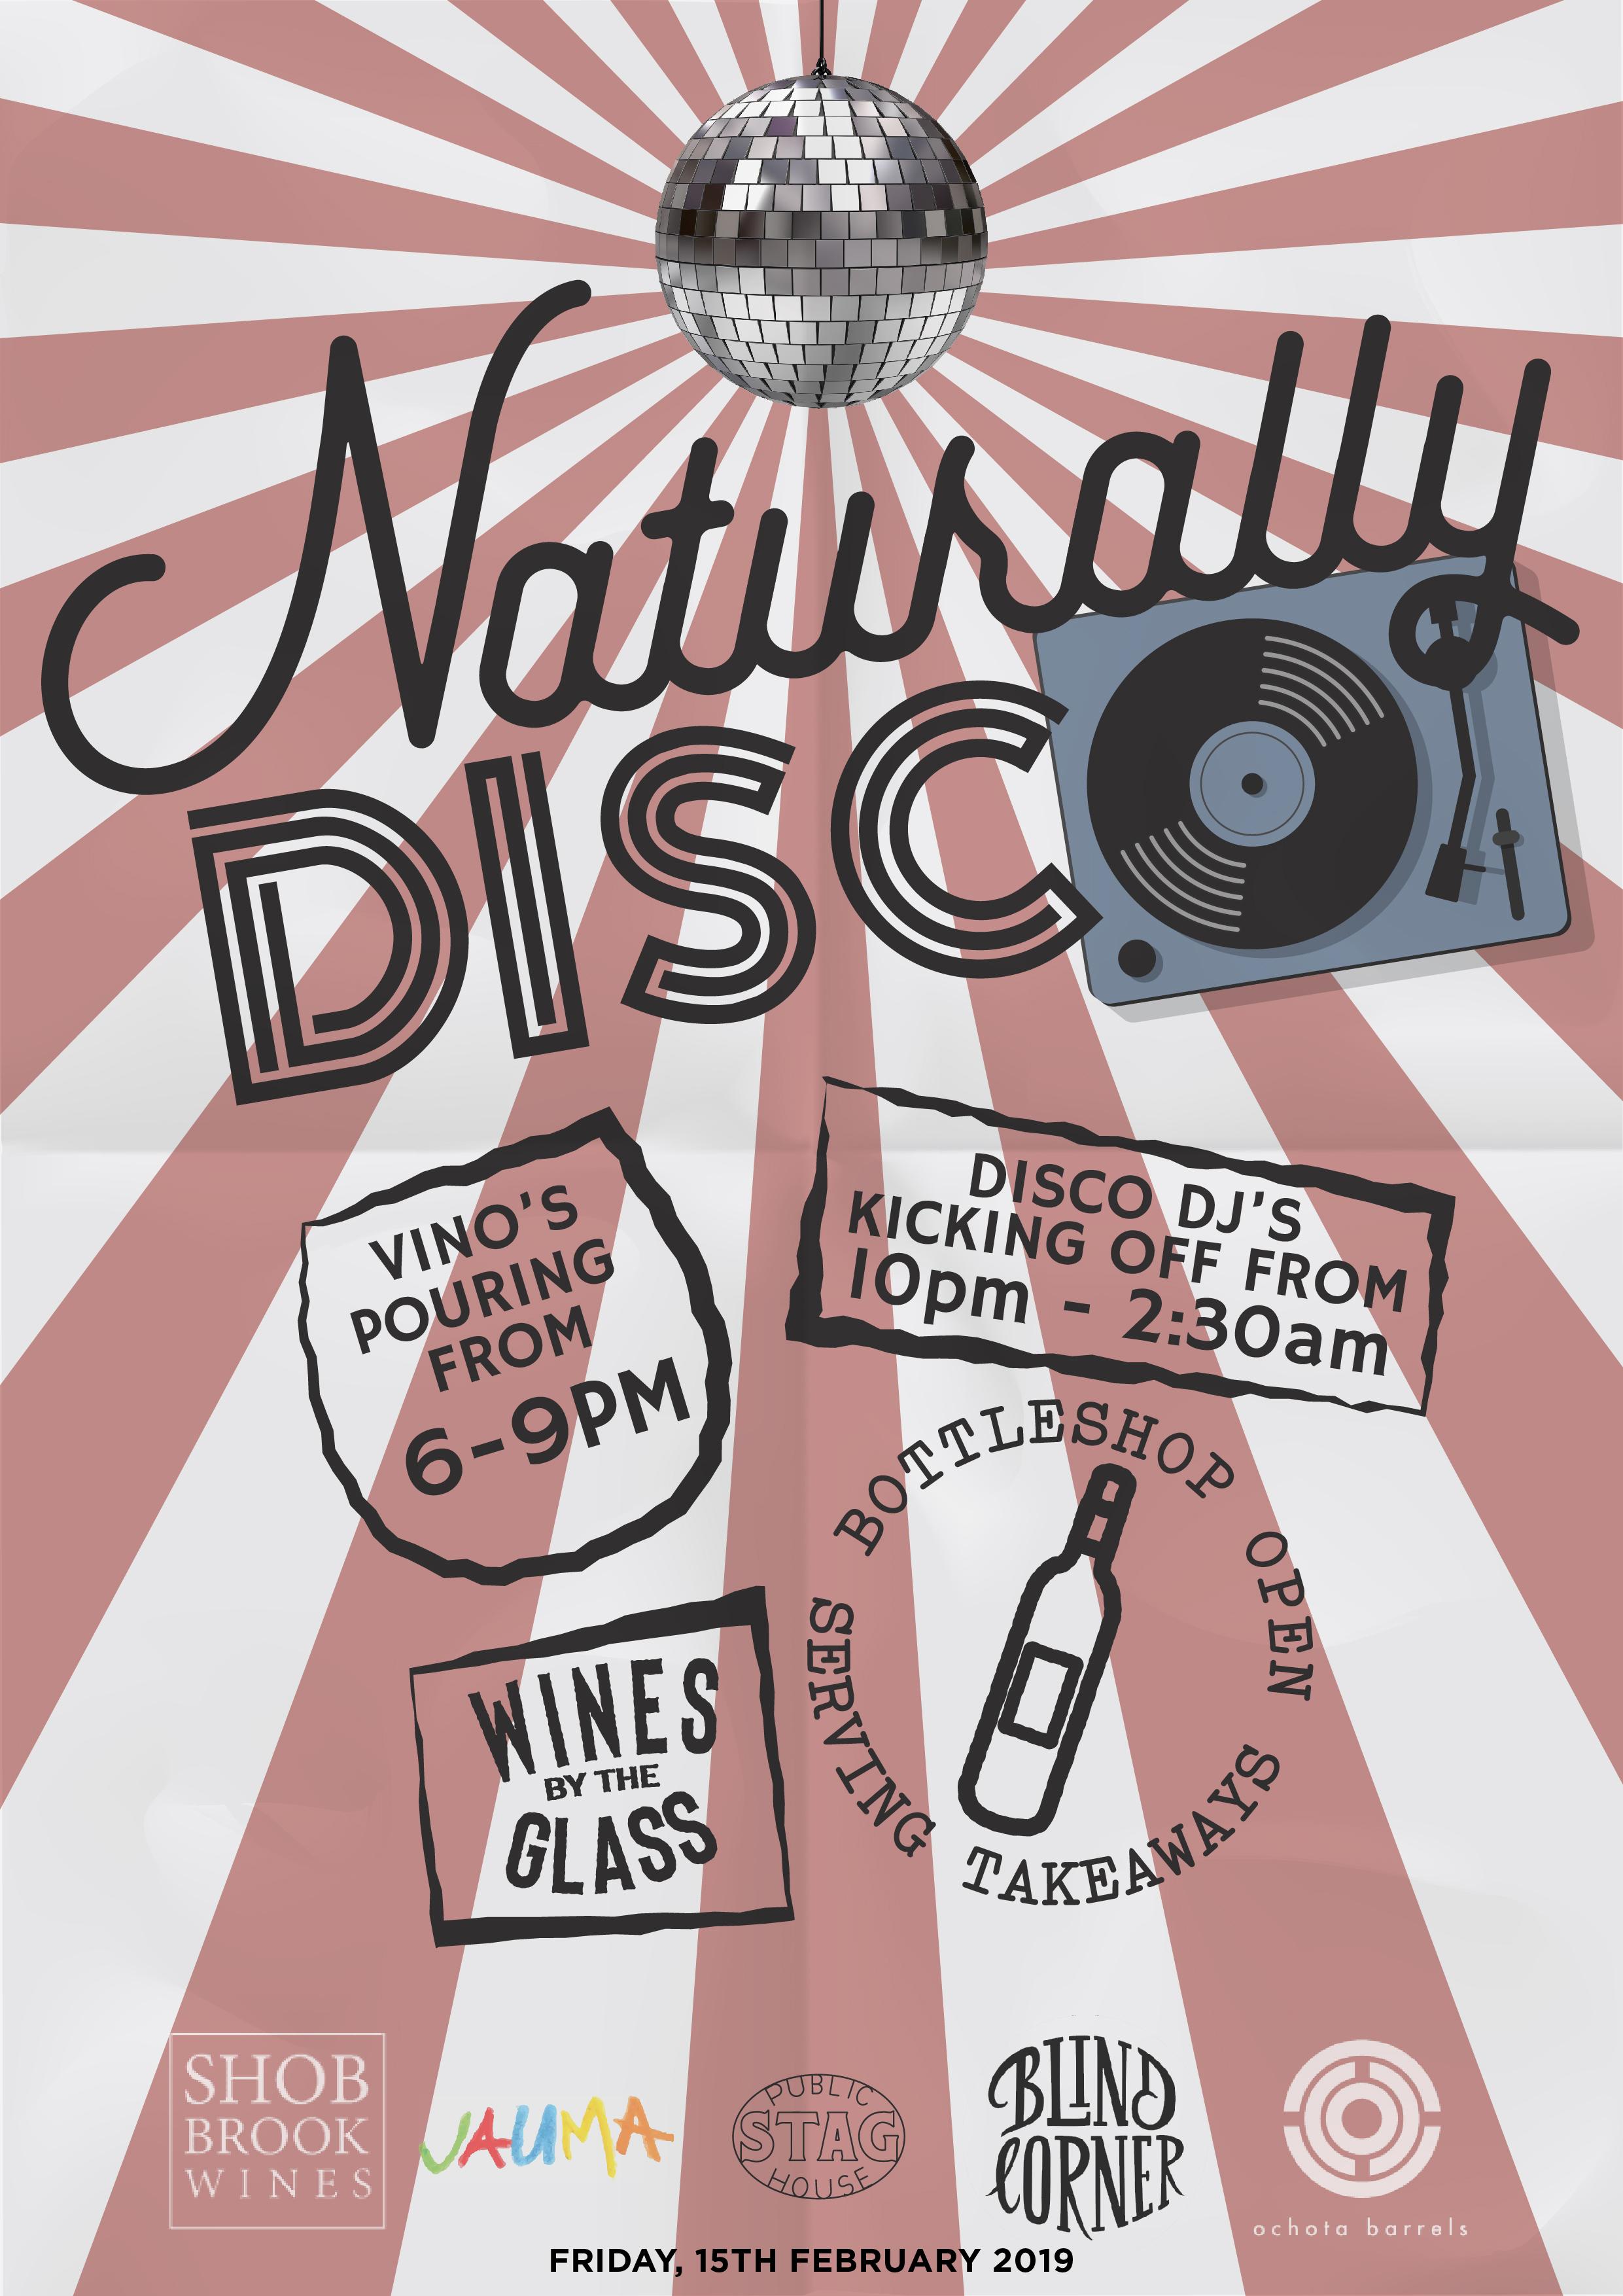 Naturally Disco-01.jpg